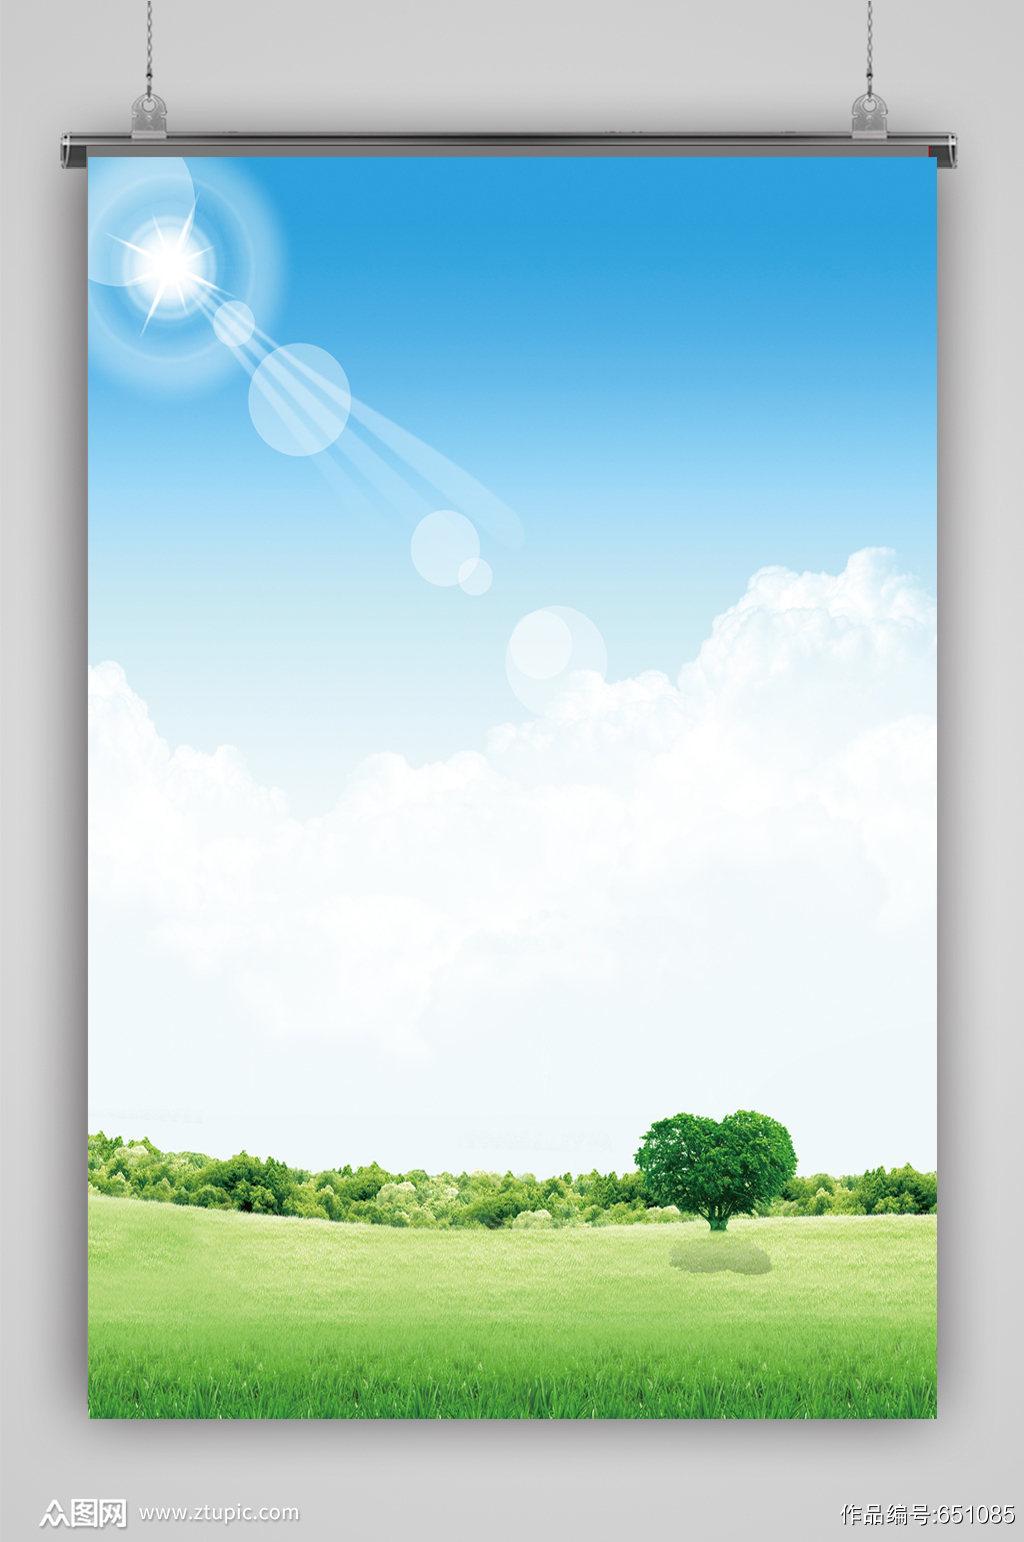 简洁背景草地蓝天白云素材